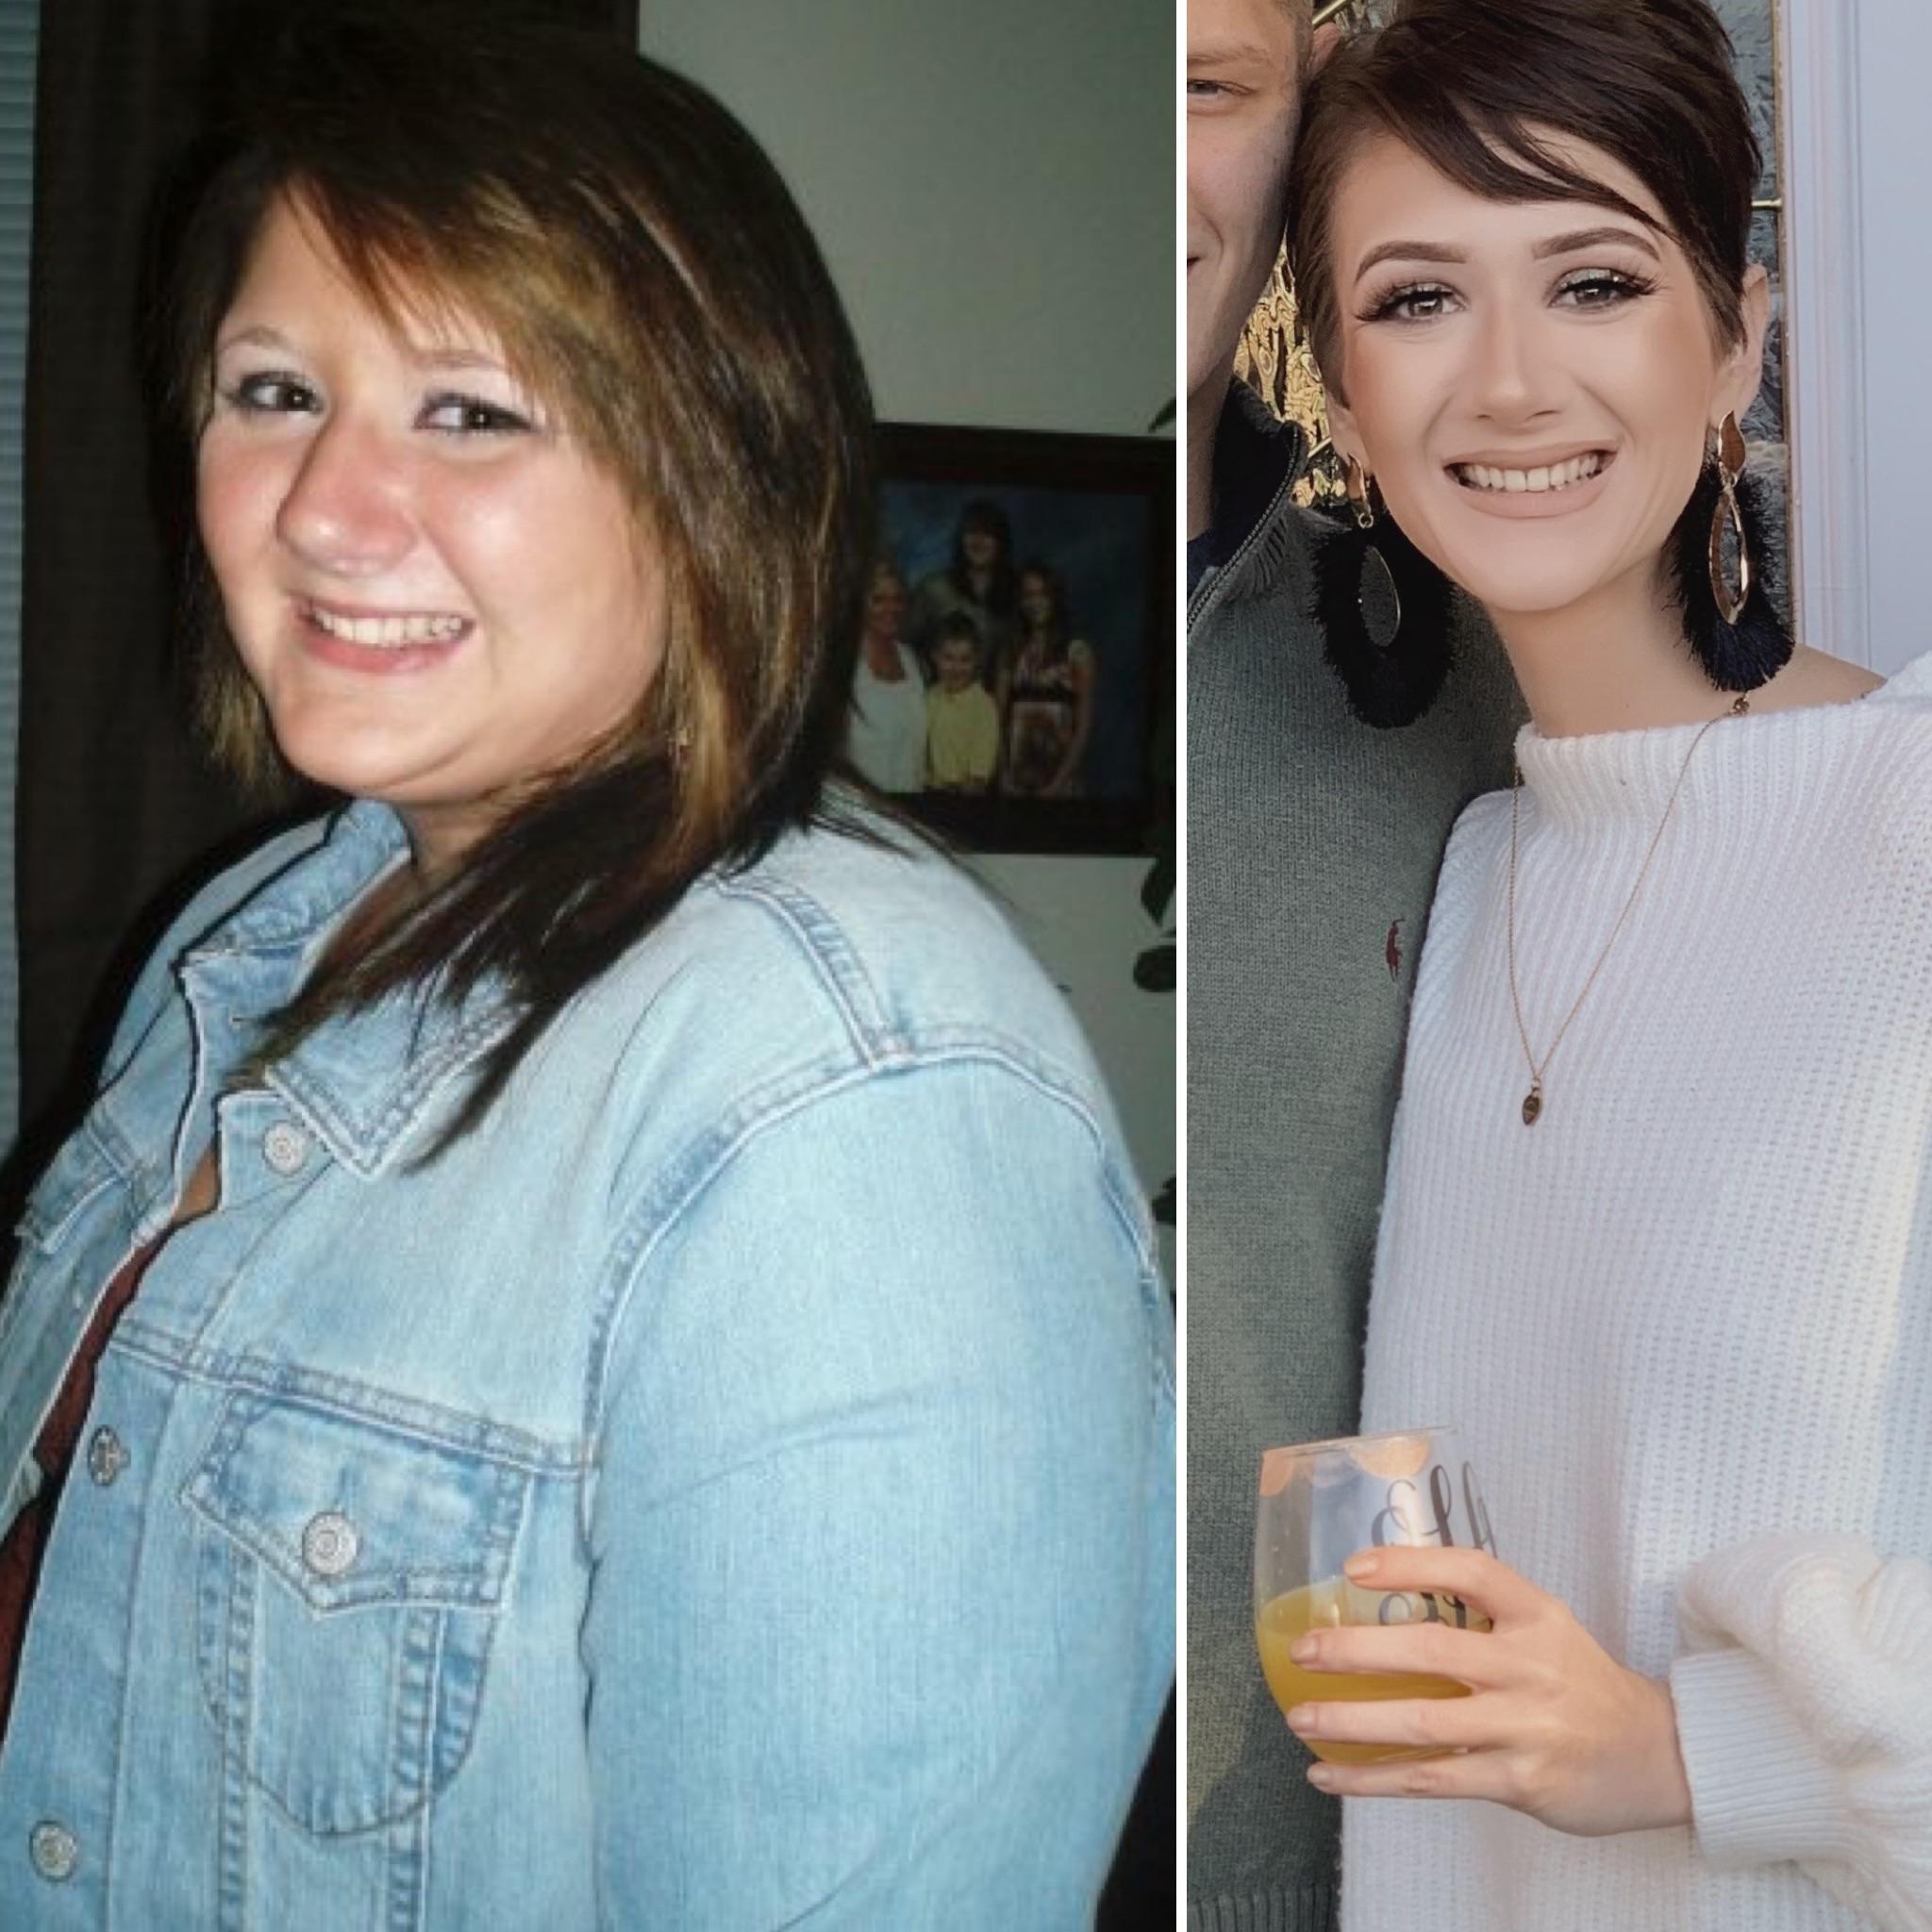 5 feet 7 Female 193 lbs Weight Loss 317 lbs to 124 lbs